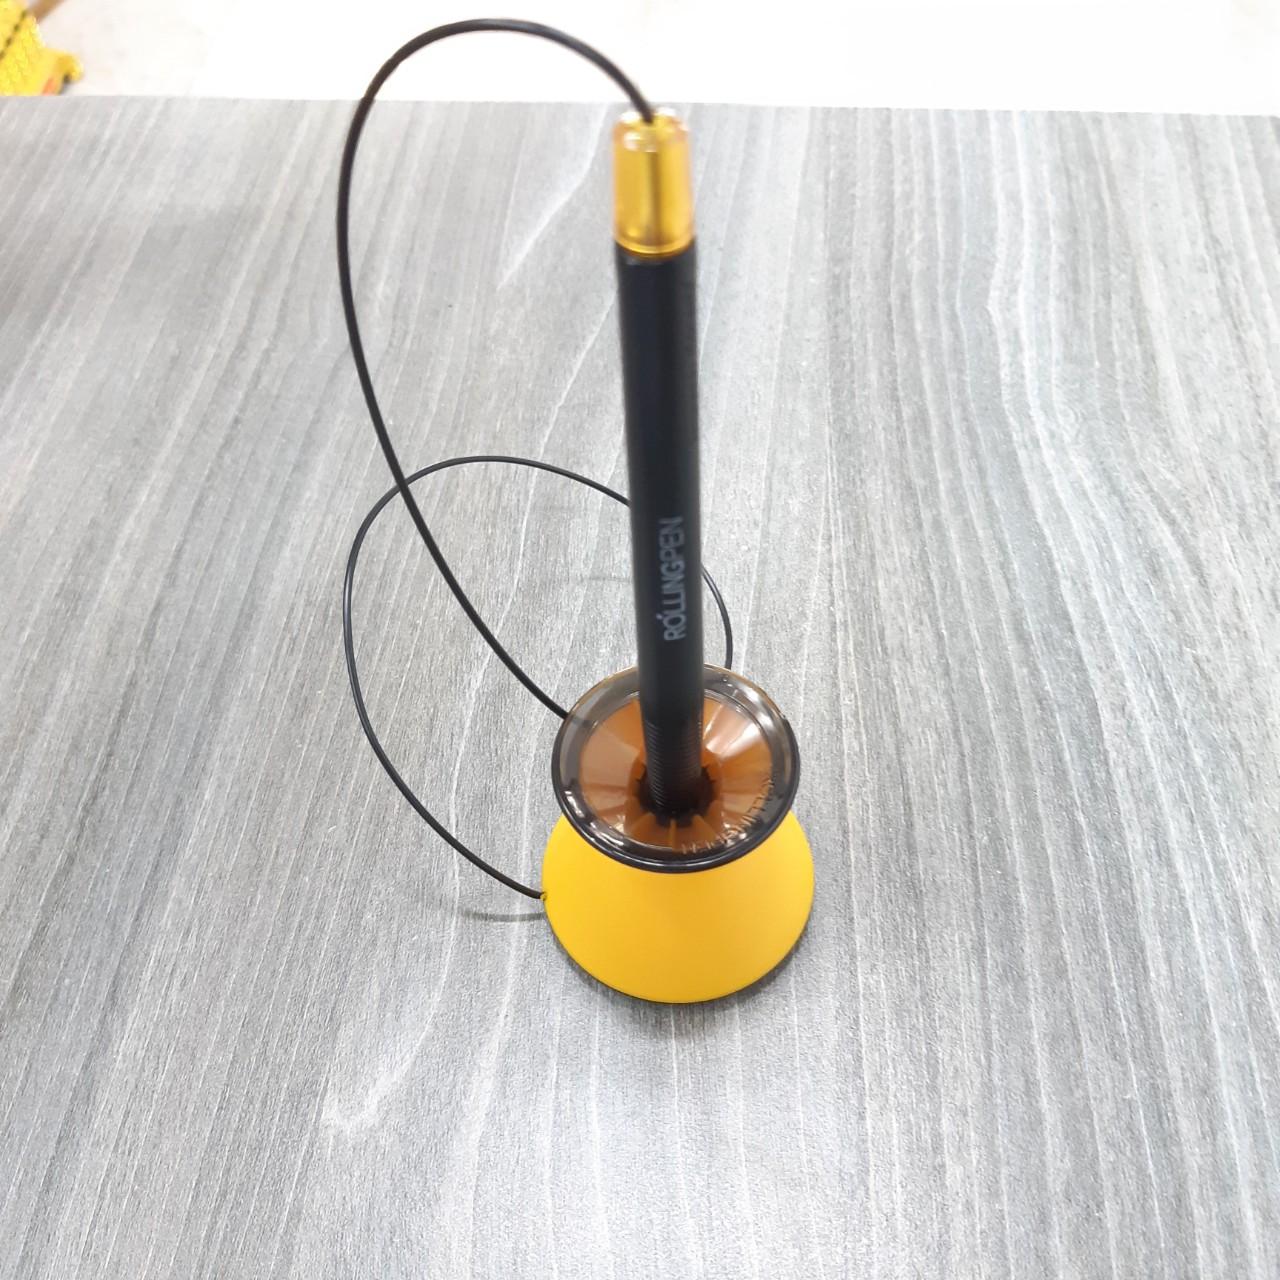 Combo 2 bộ bút bi cắm bàn Monami (mực đen) đế màu ngẫu nhiên